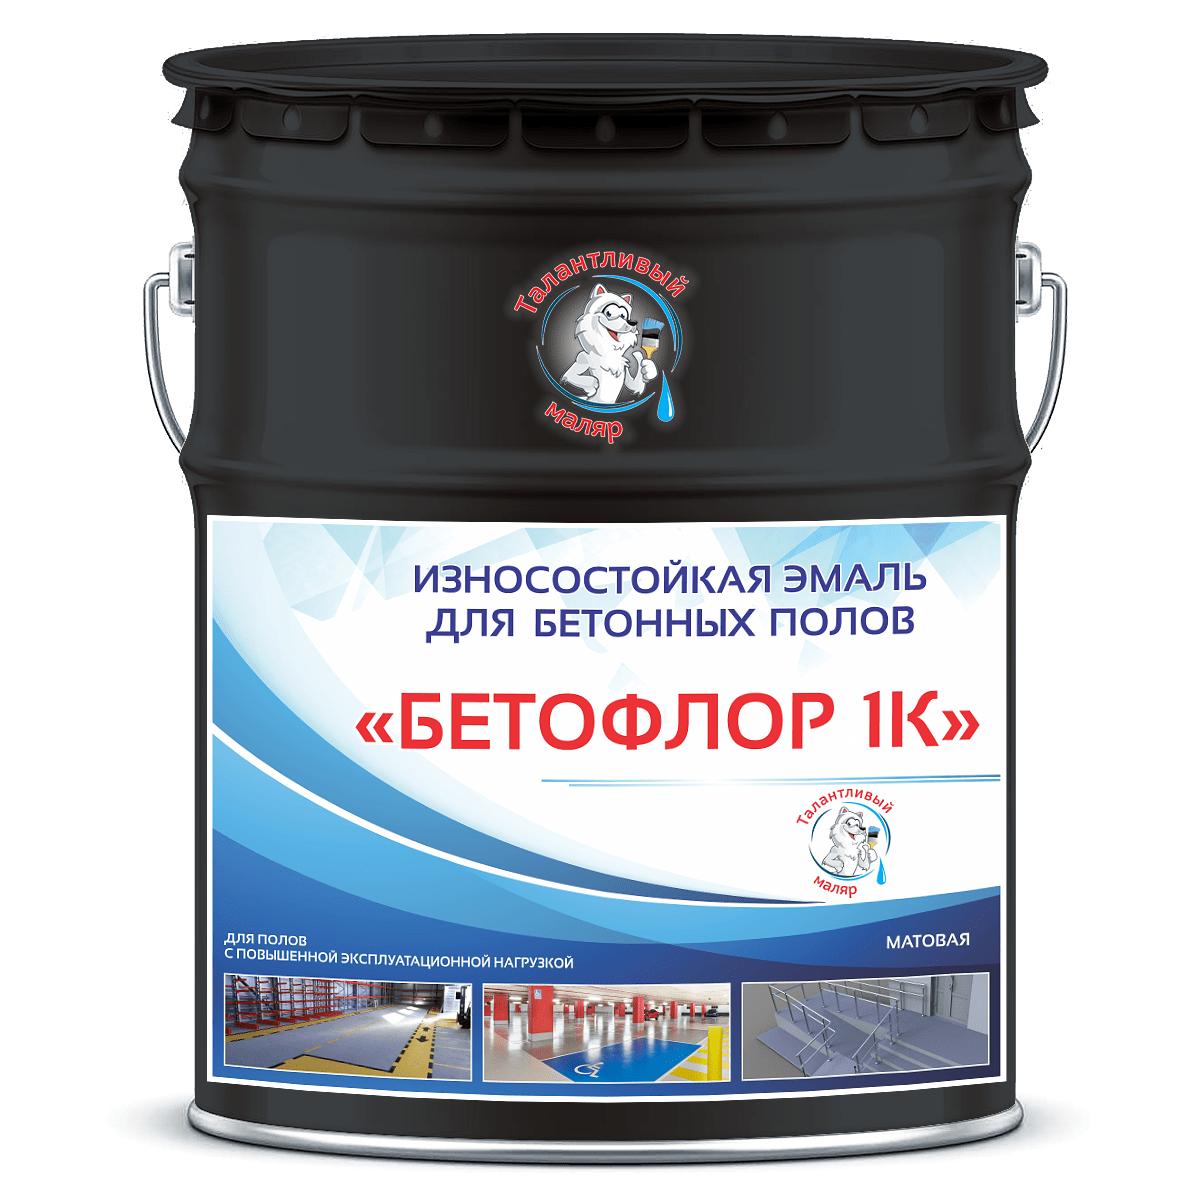 """Фото 7 - BF9011 Эмаль для бетонных полов """"Бетофлор"""" 1К цвет RAL 9011 Графитно-чёрный, матовая износостойкая, 25 кг """"Талантливый Маляр""""."""